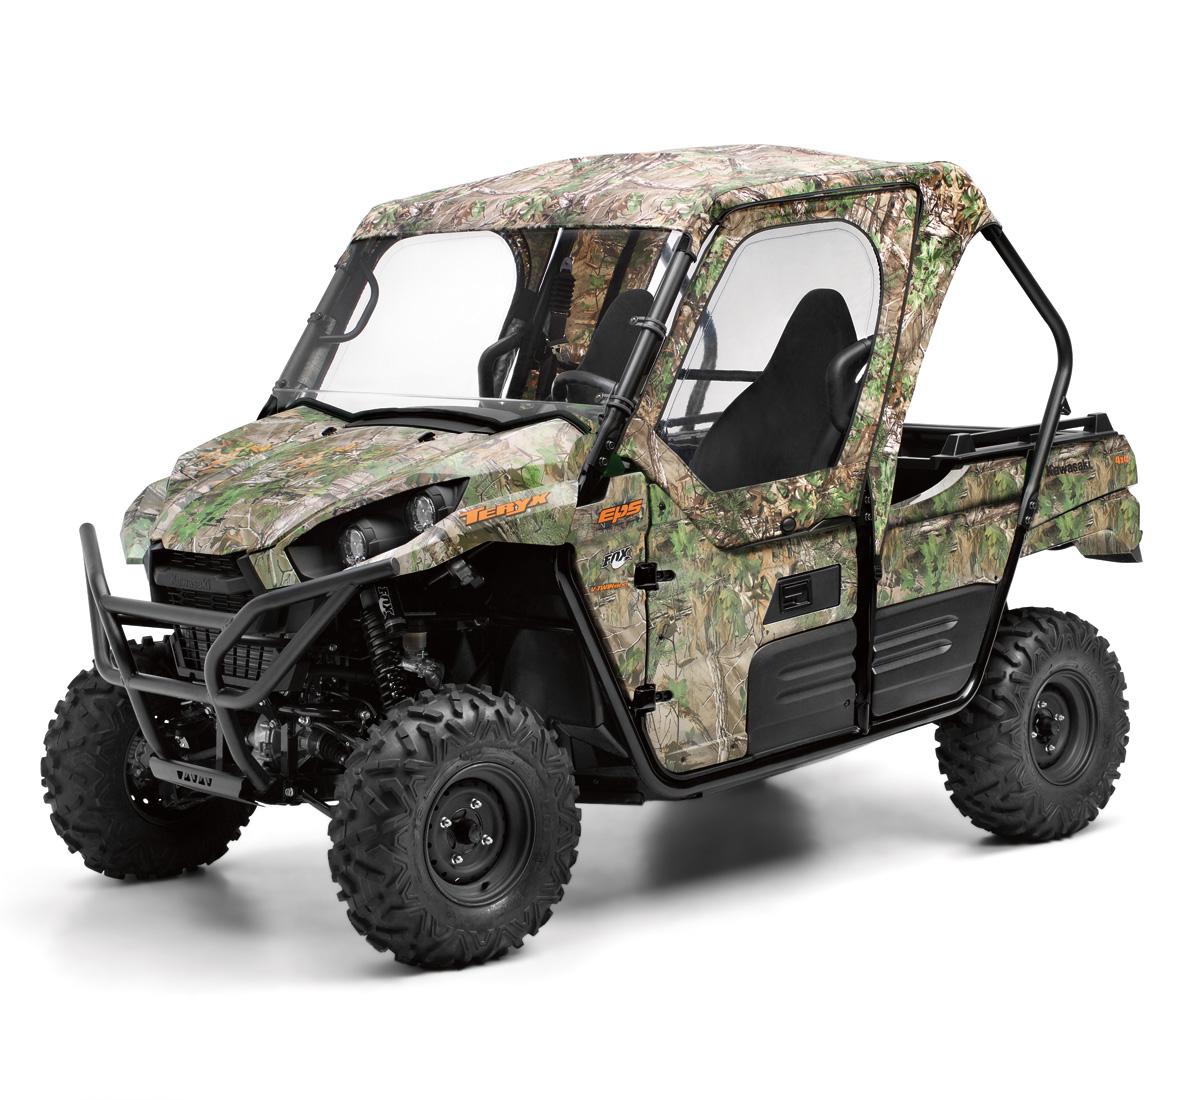 Kawasaki Mule Extended Warranty